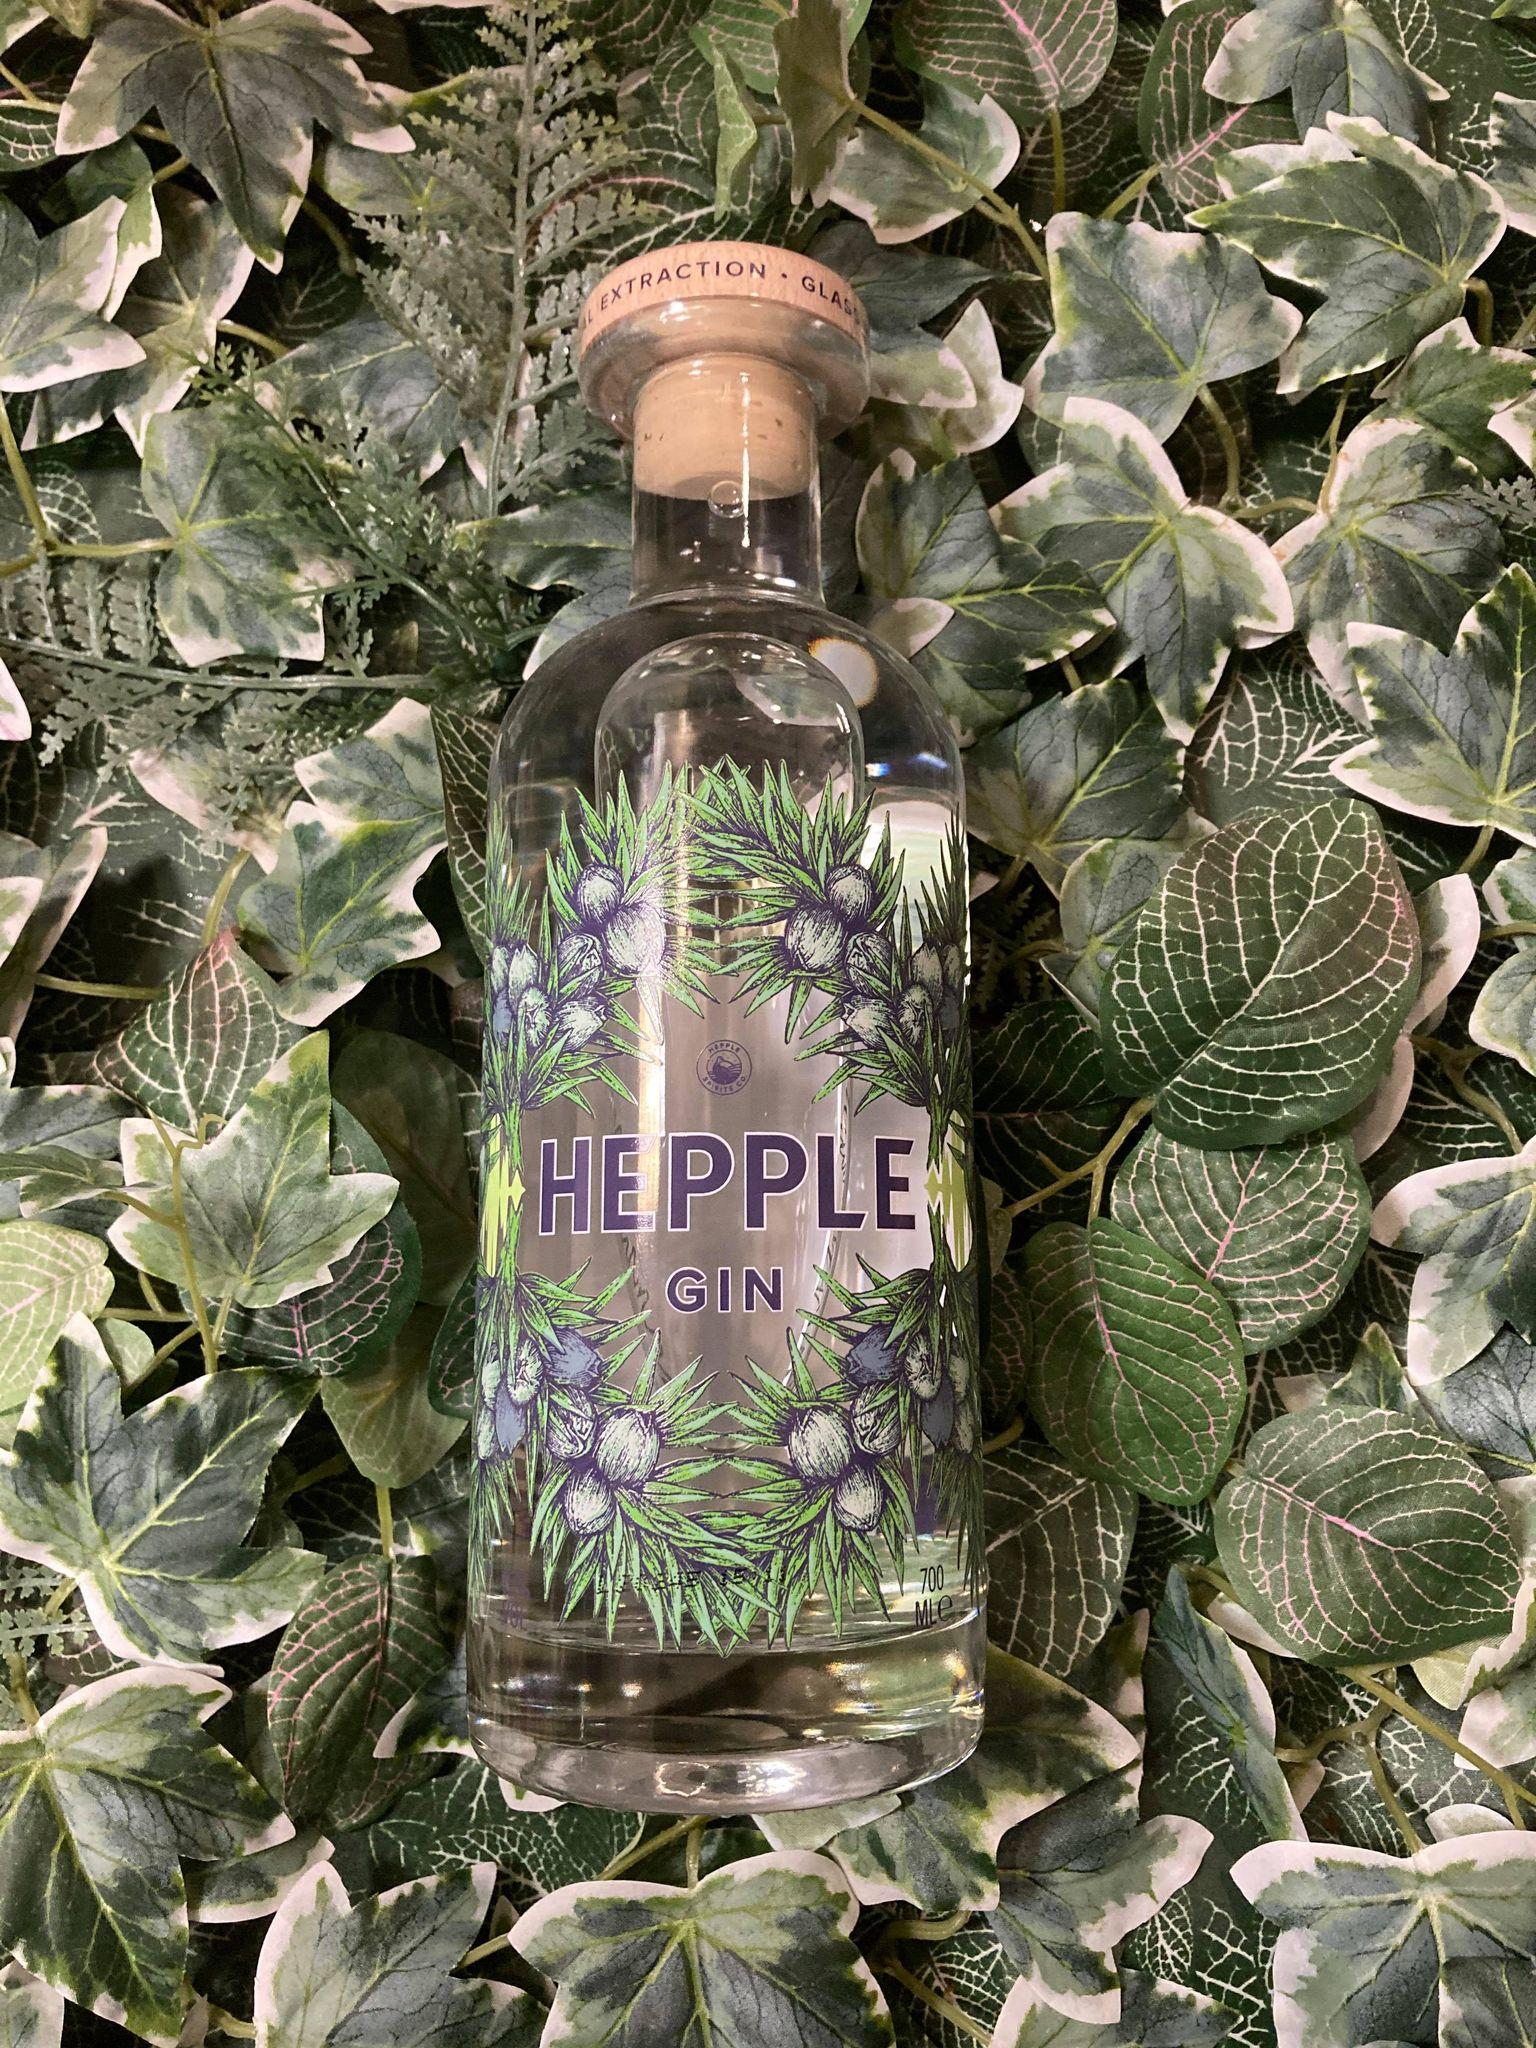 Hepple Gin